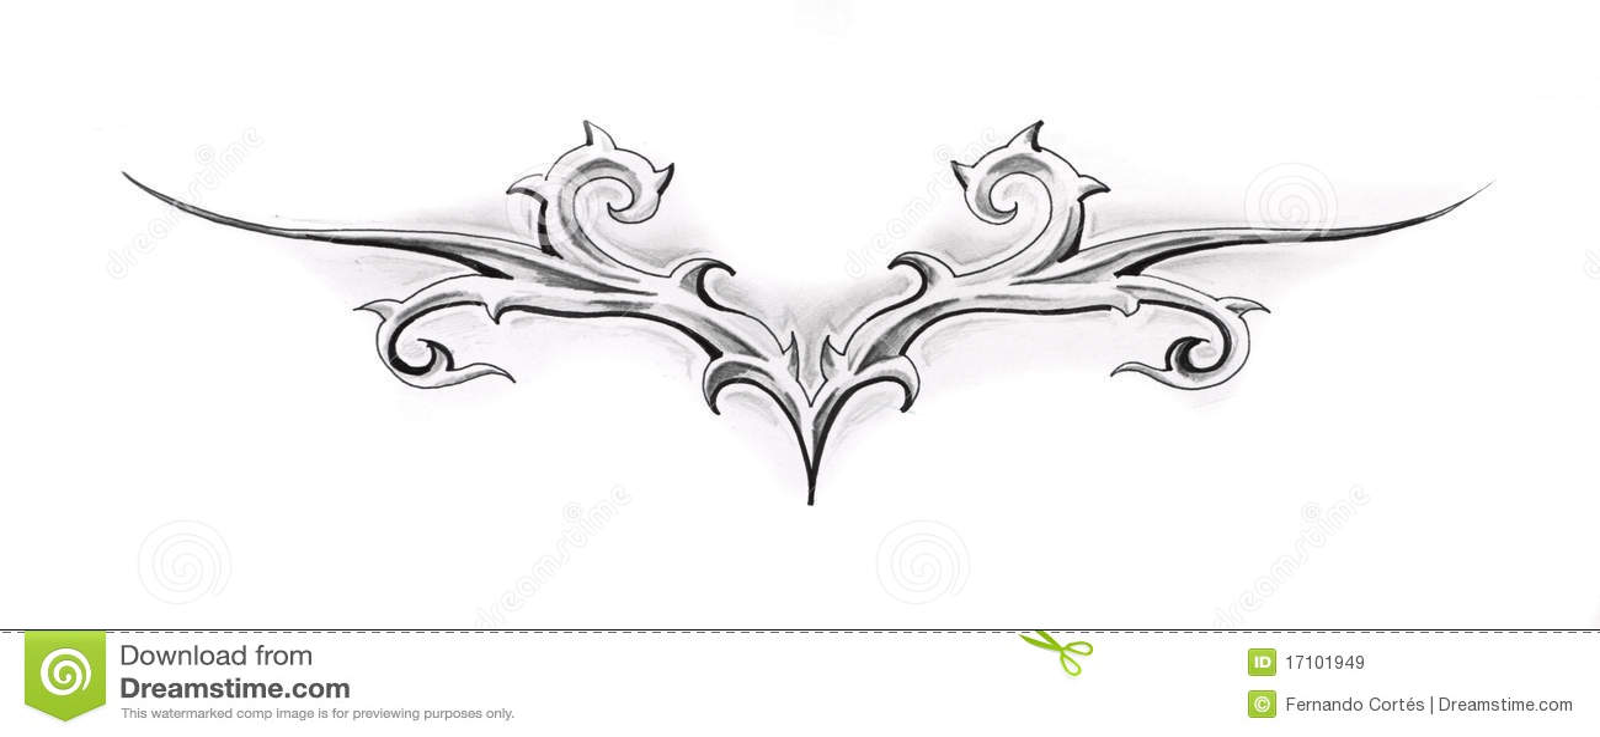 sketch of tattoo art tribal design stock illustration image 17101949. Black Bedroom Furniture Sets. Home Design Ideas